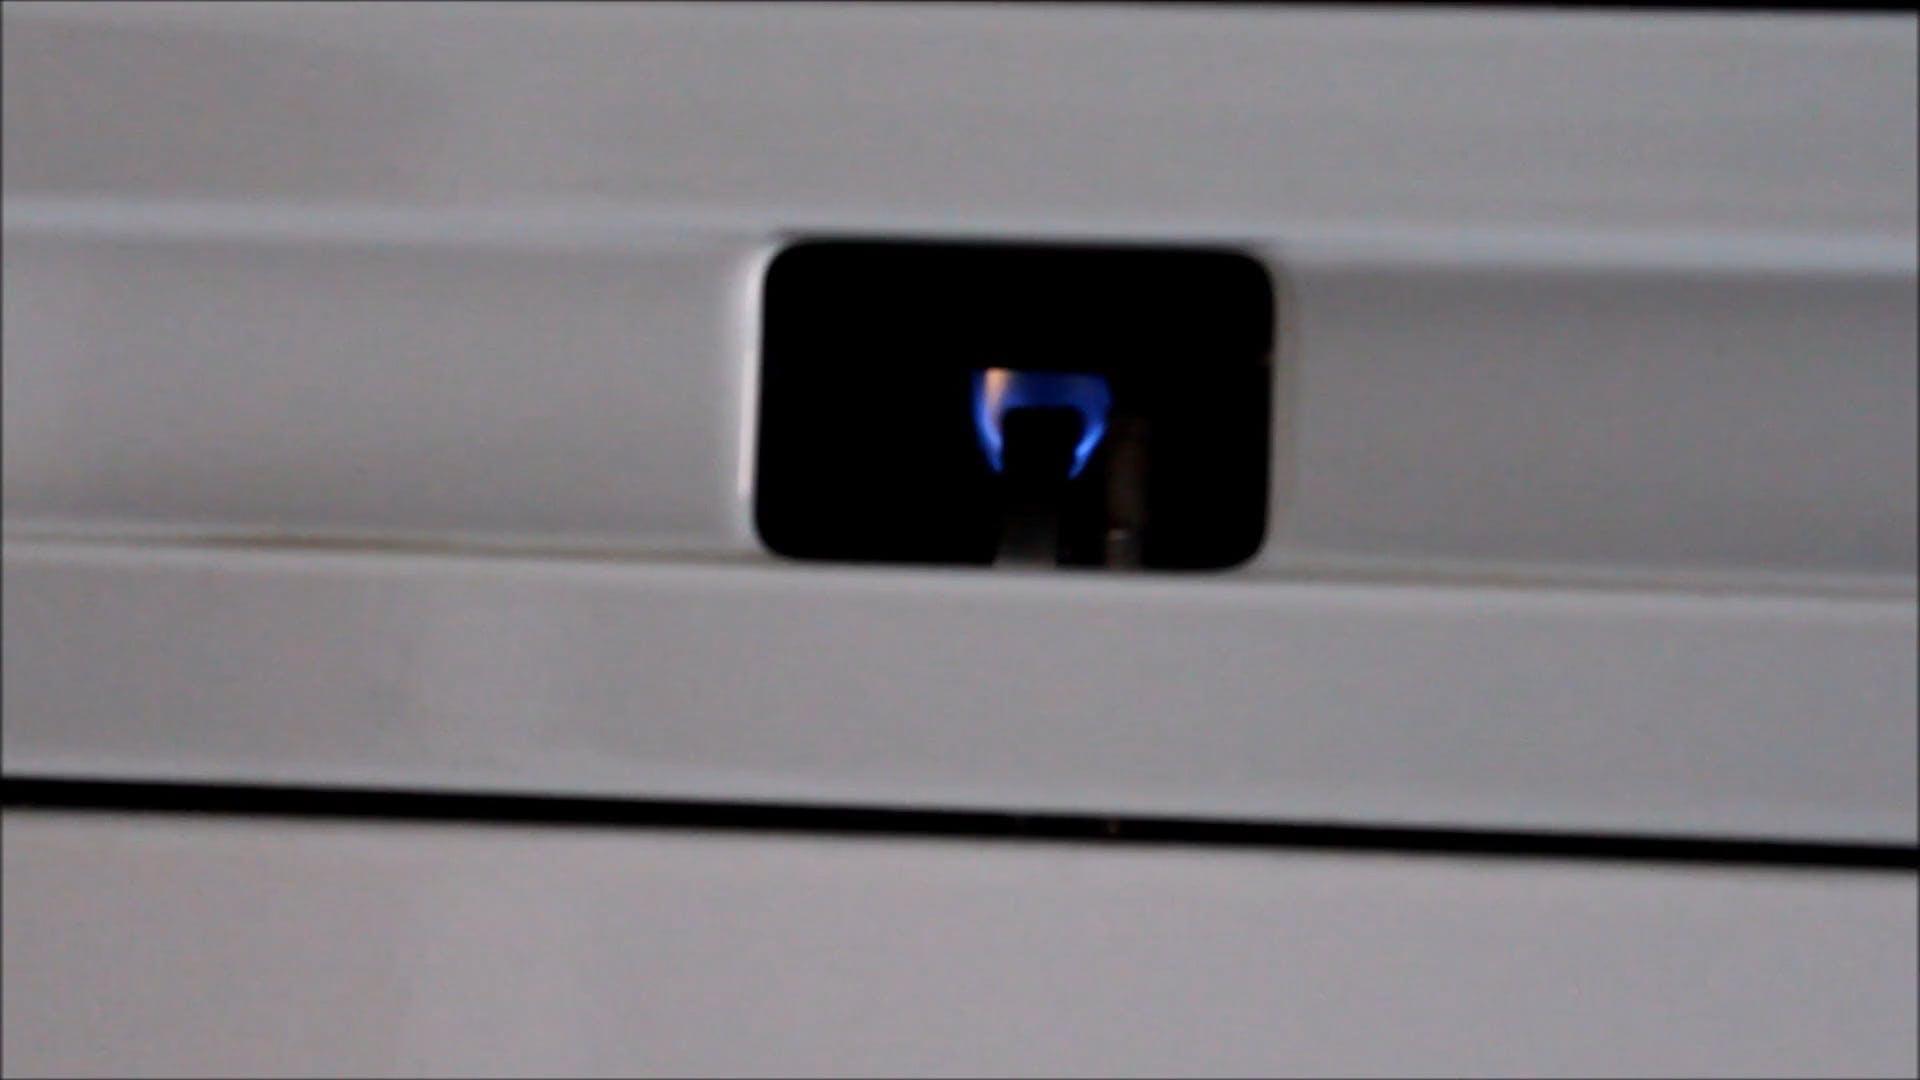 Video Of Flames In Burner